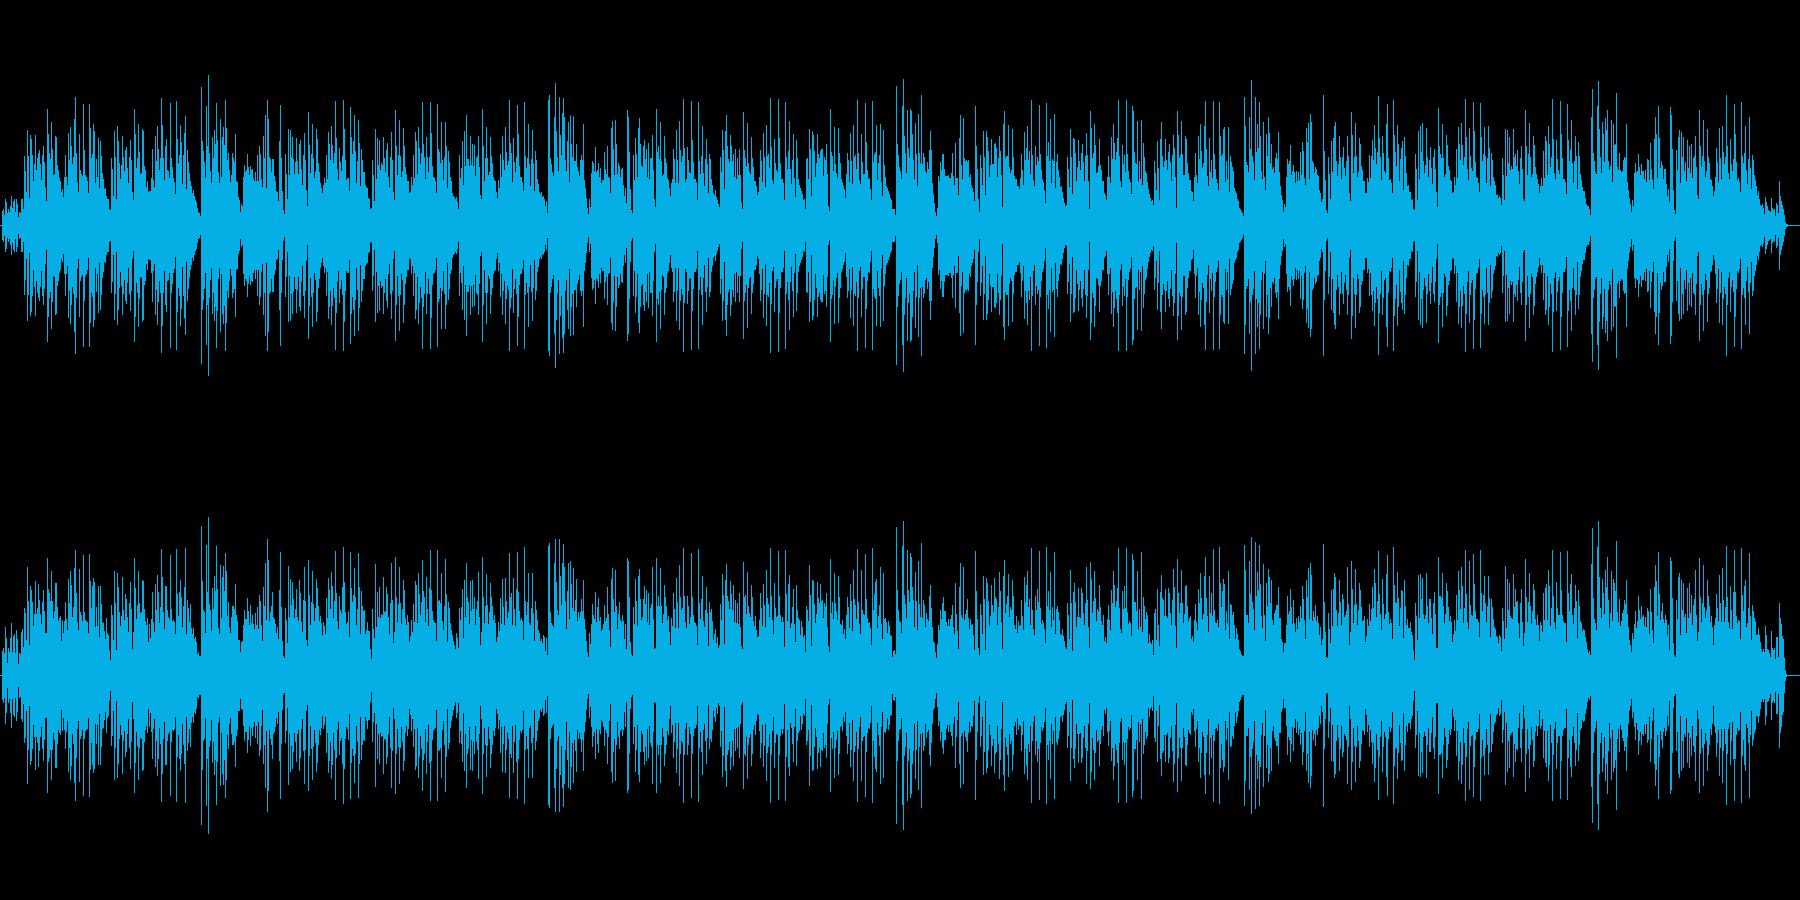 明るく陽気なピアノBGM・CMや映像にの再生済みの波形